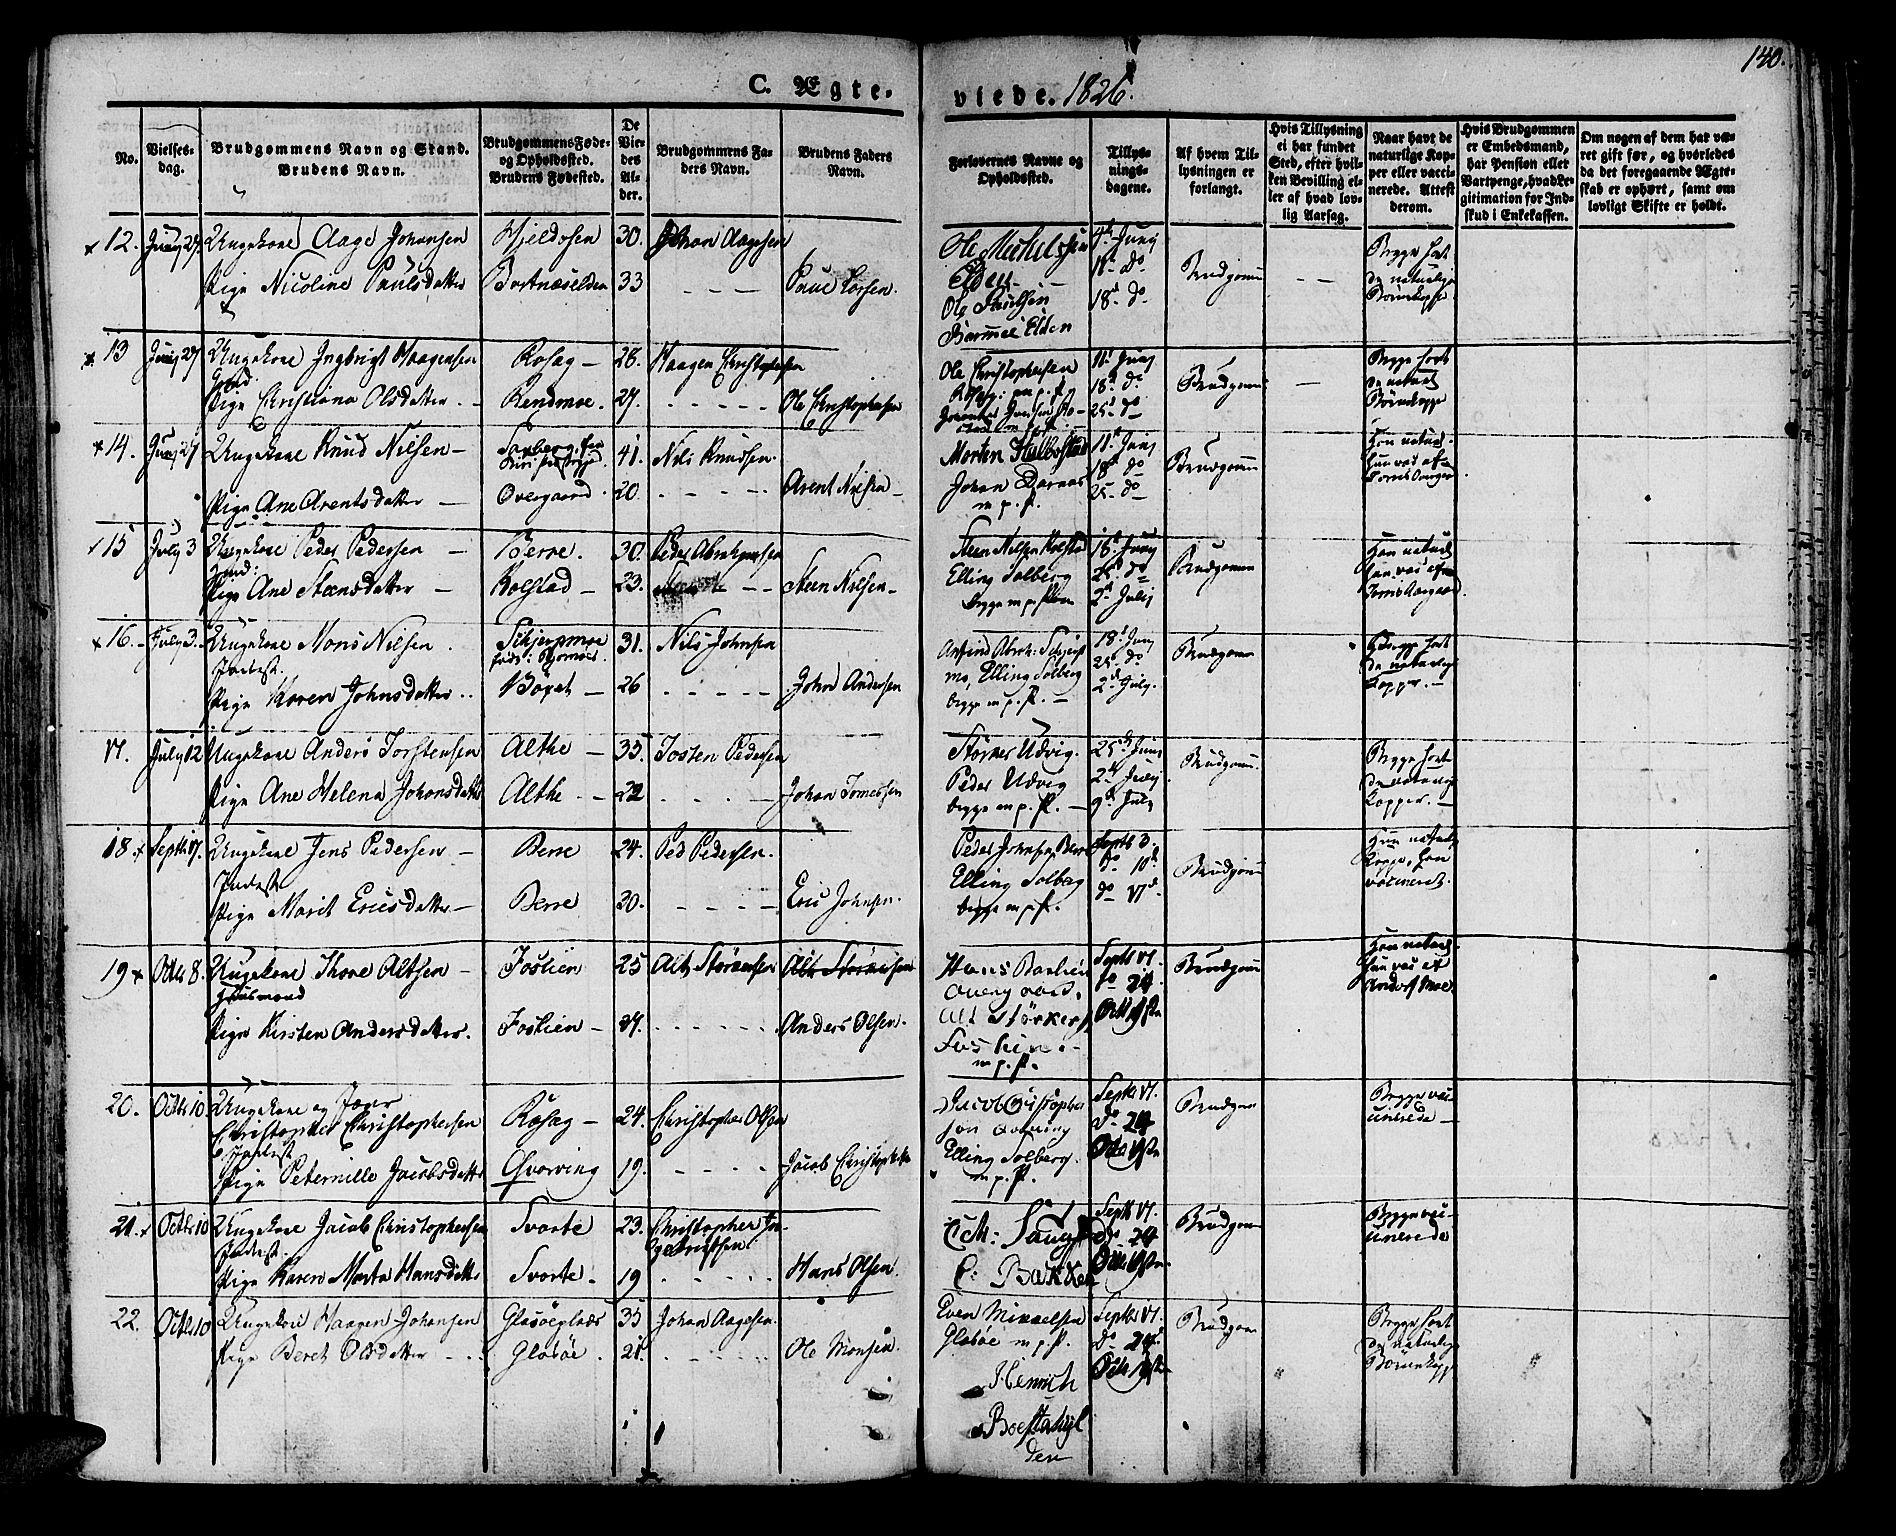 SAT, Ministerialprotokoller, klokkerbøker og fødselsregistre - Nord-Trøndelag, 741/L0390: Ministerialbok nr. 741A04, 1822-1836, s. 140